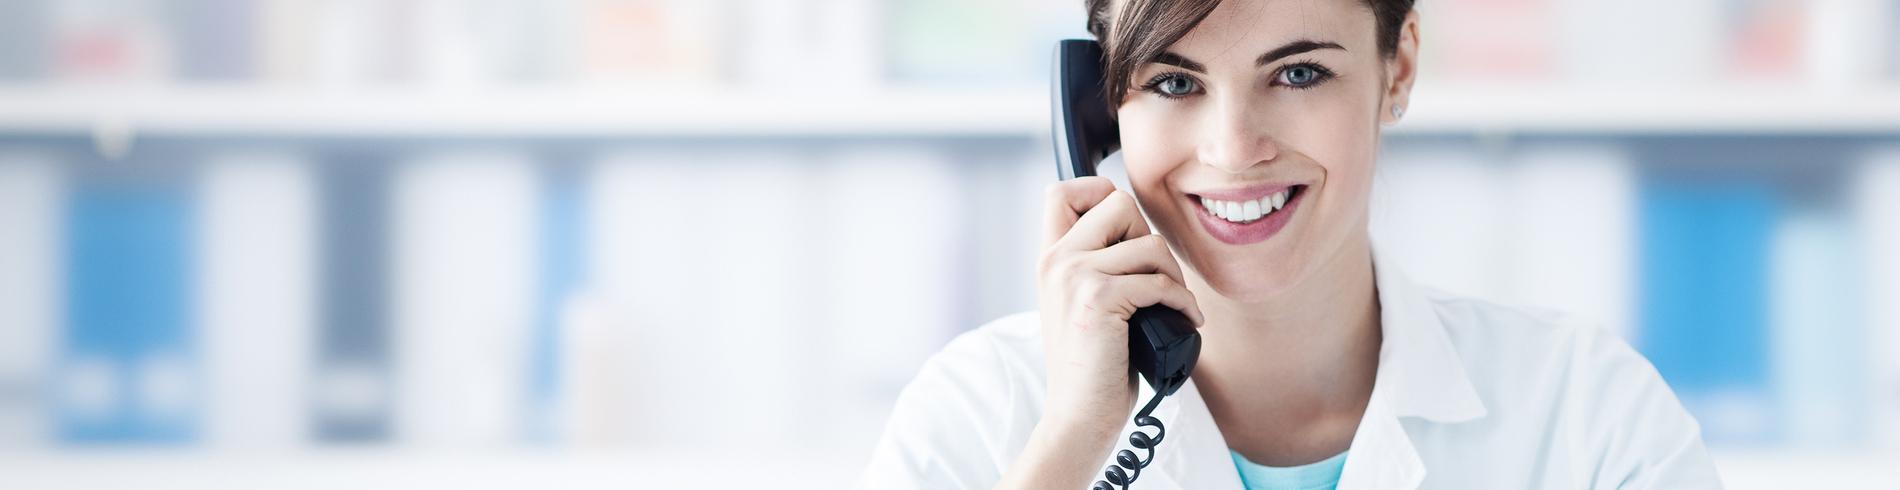 Servicio de atención médica por teléfono